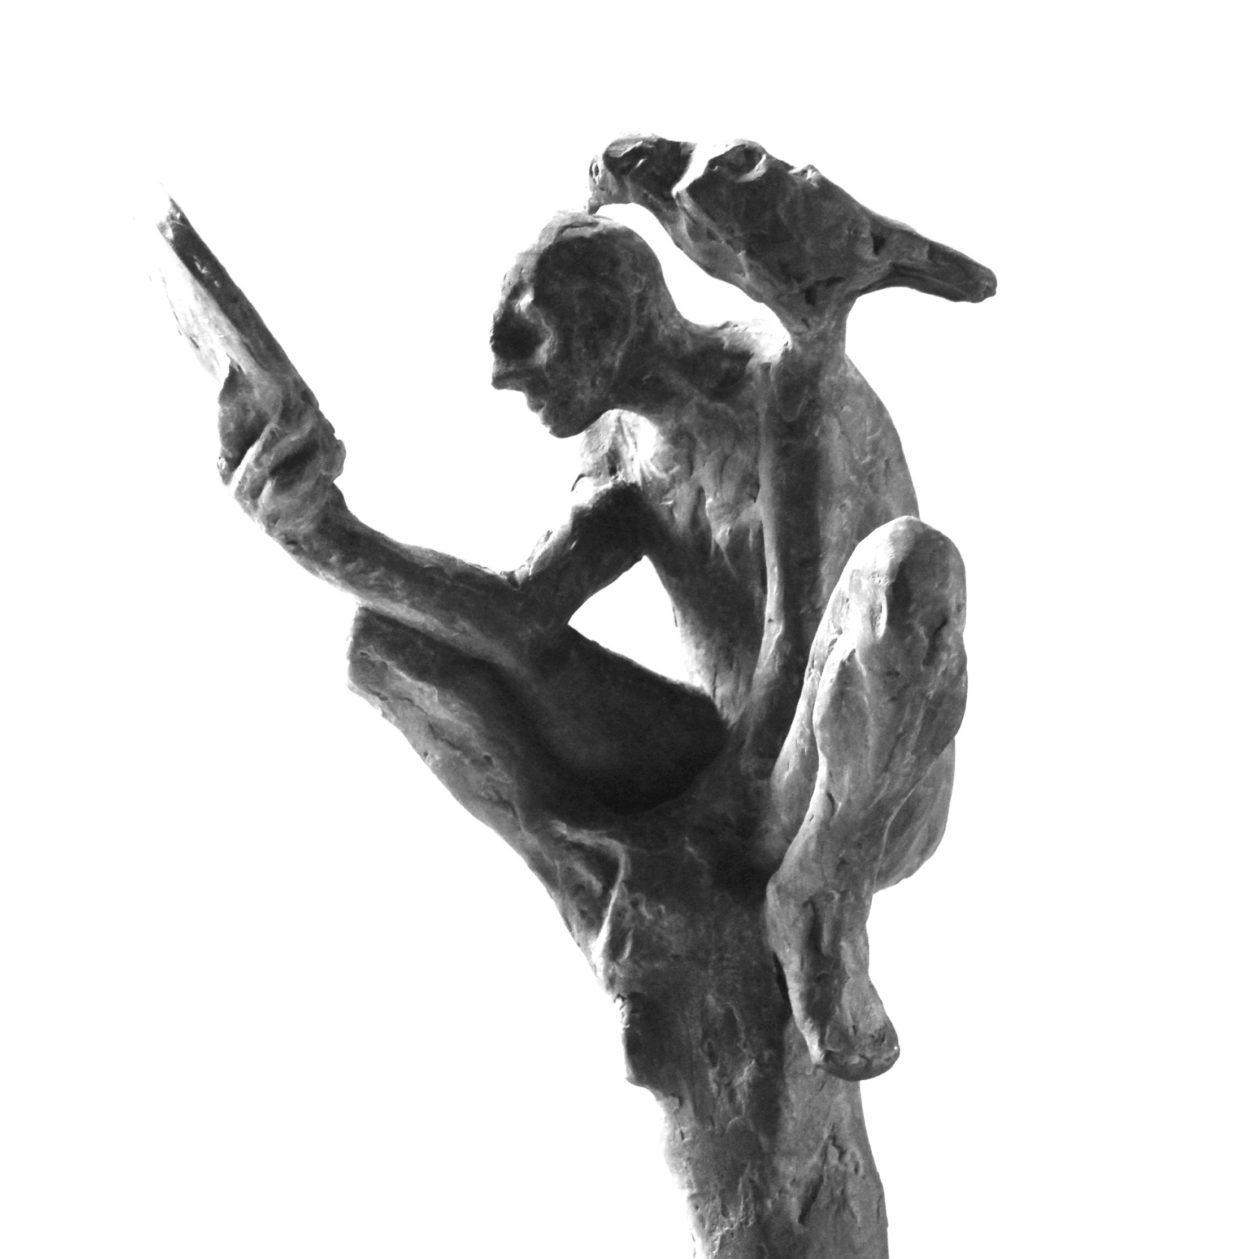 contemporary art, modern art, bronze, sculpture, figurative sculpture, bronze sculpture, Belgin Yucelen, sculptor